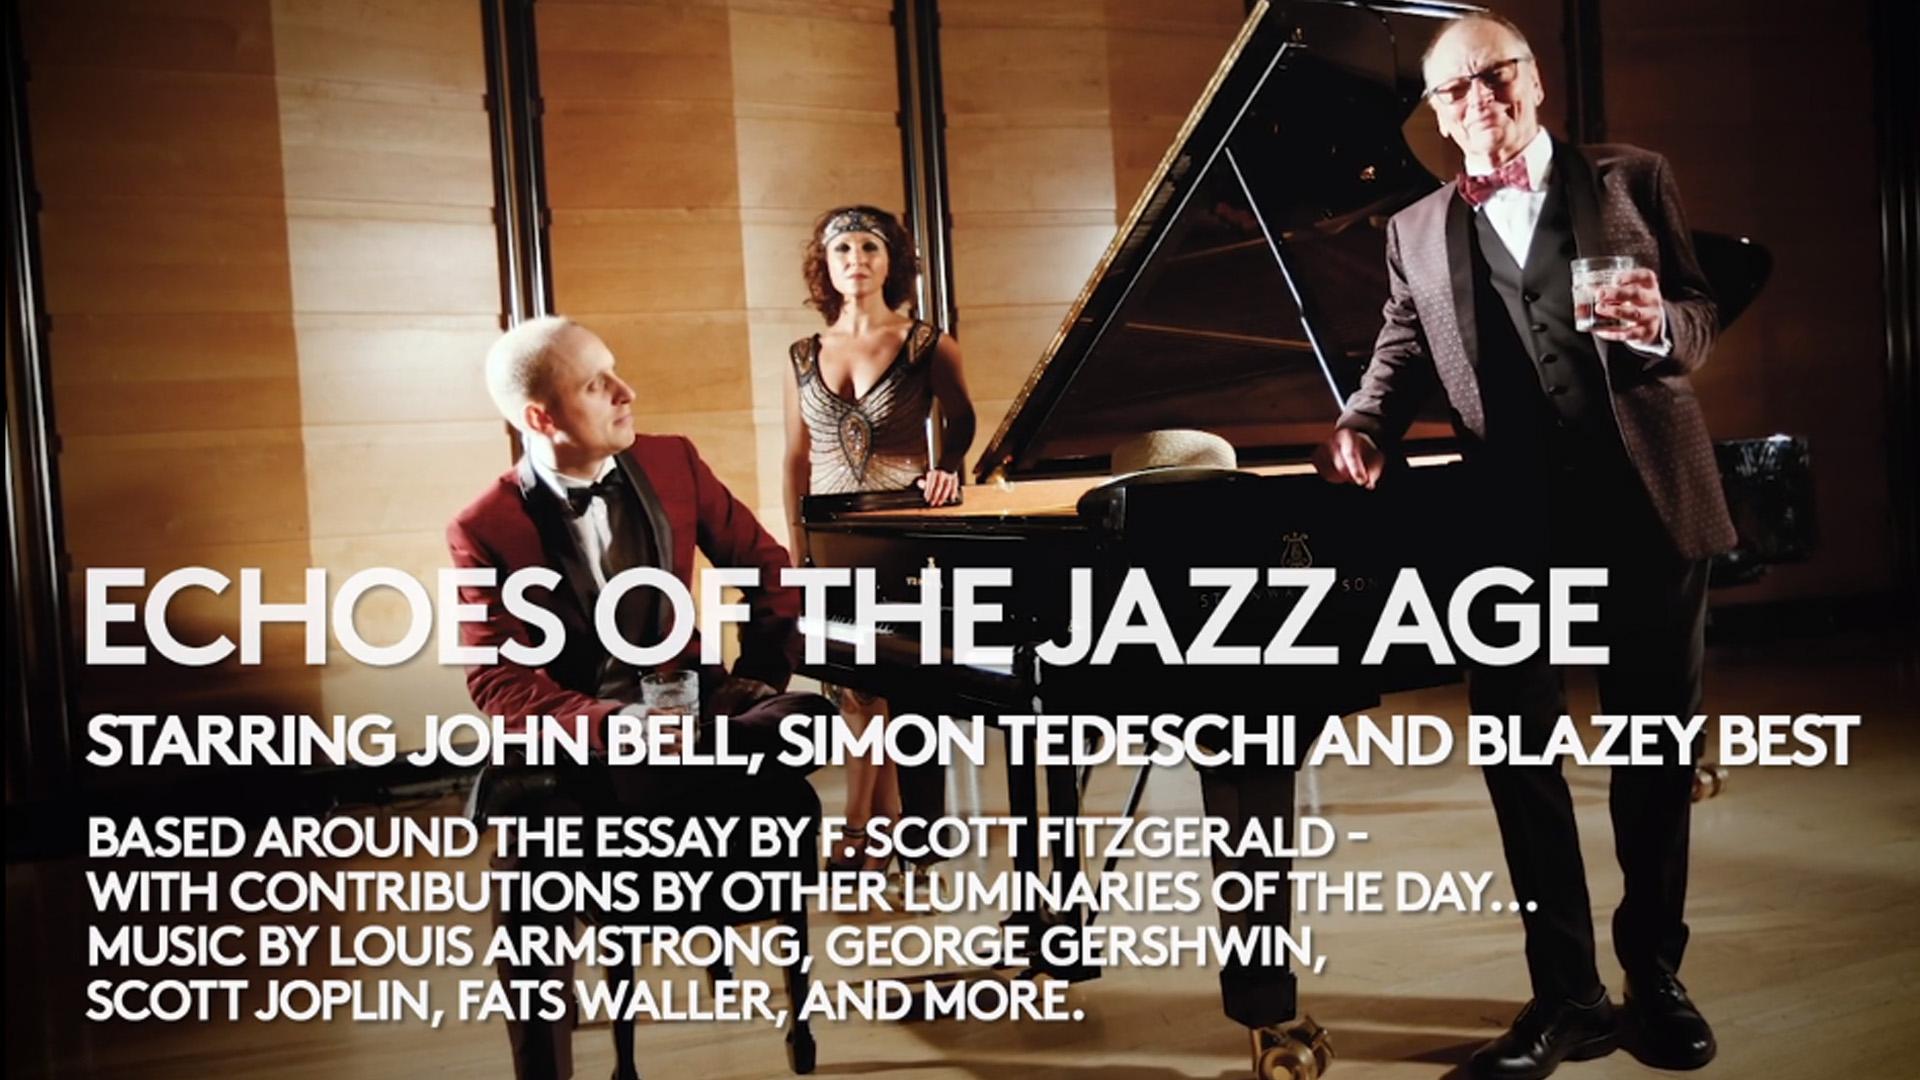 John Bell & Simon Tedeschi – Echoes of the Jazz Age